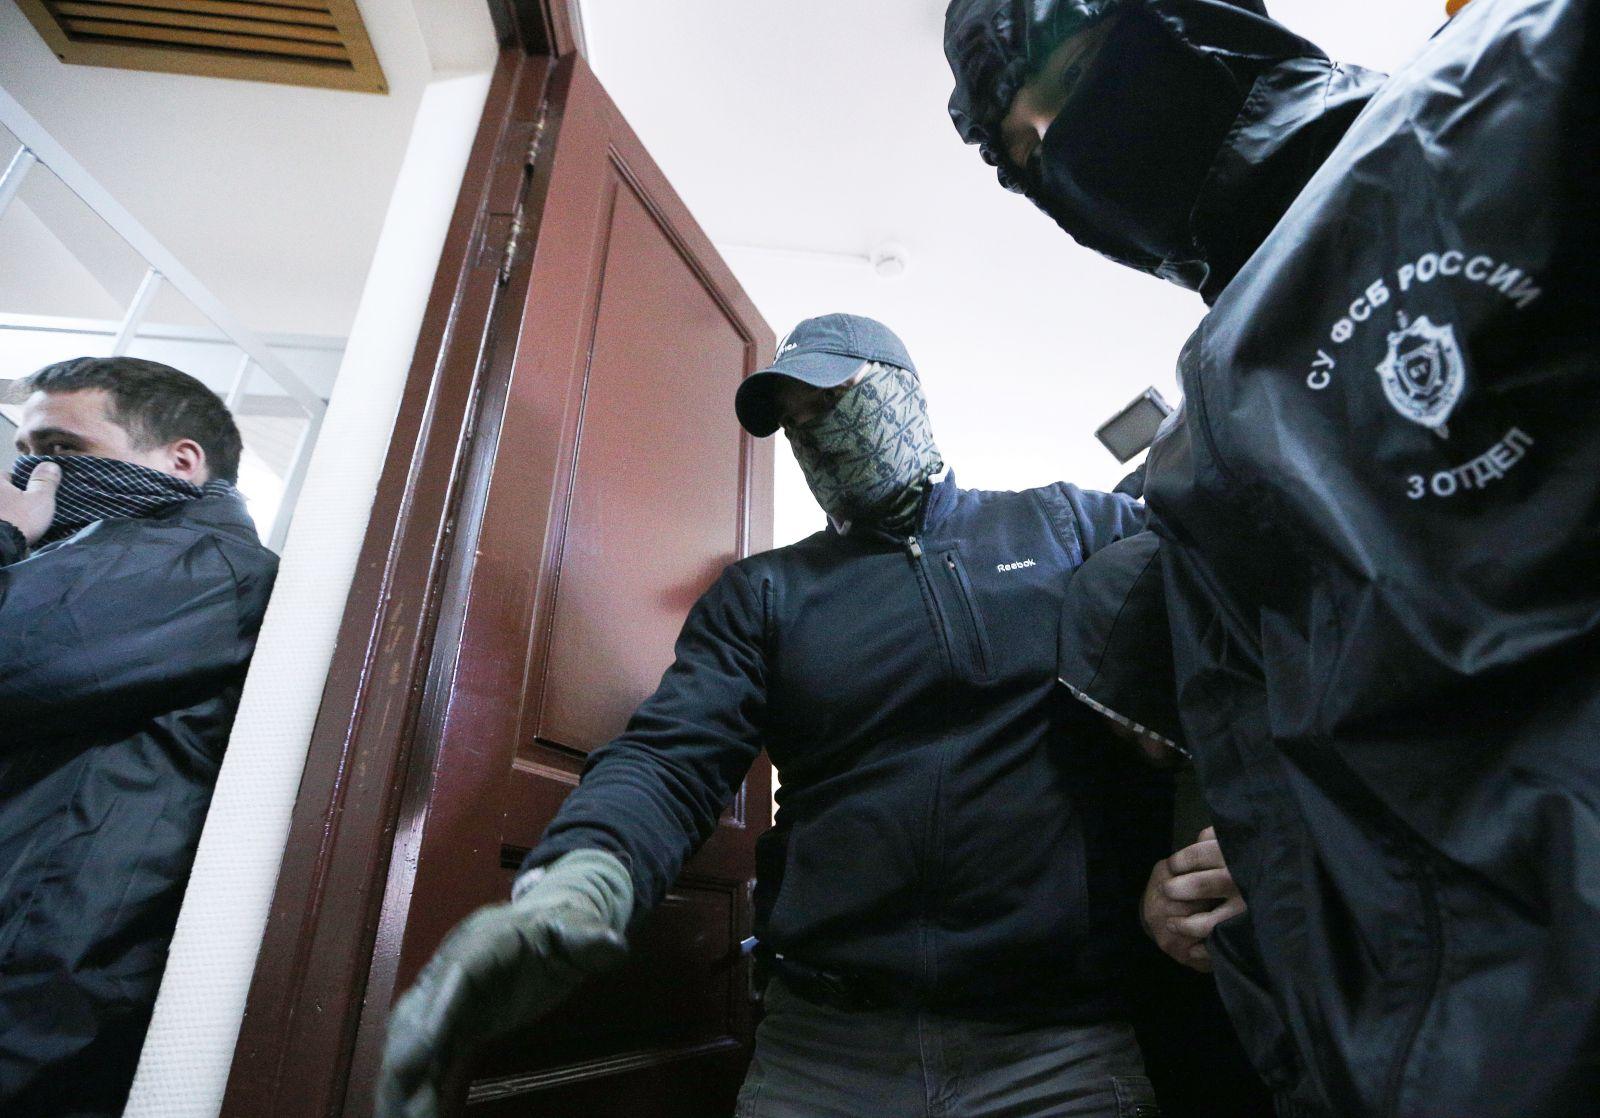 ВСамаре задержаны пособники ИГ— ФСБ